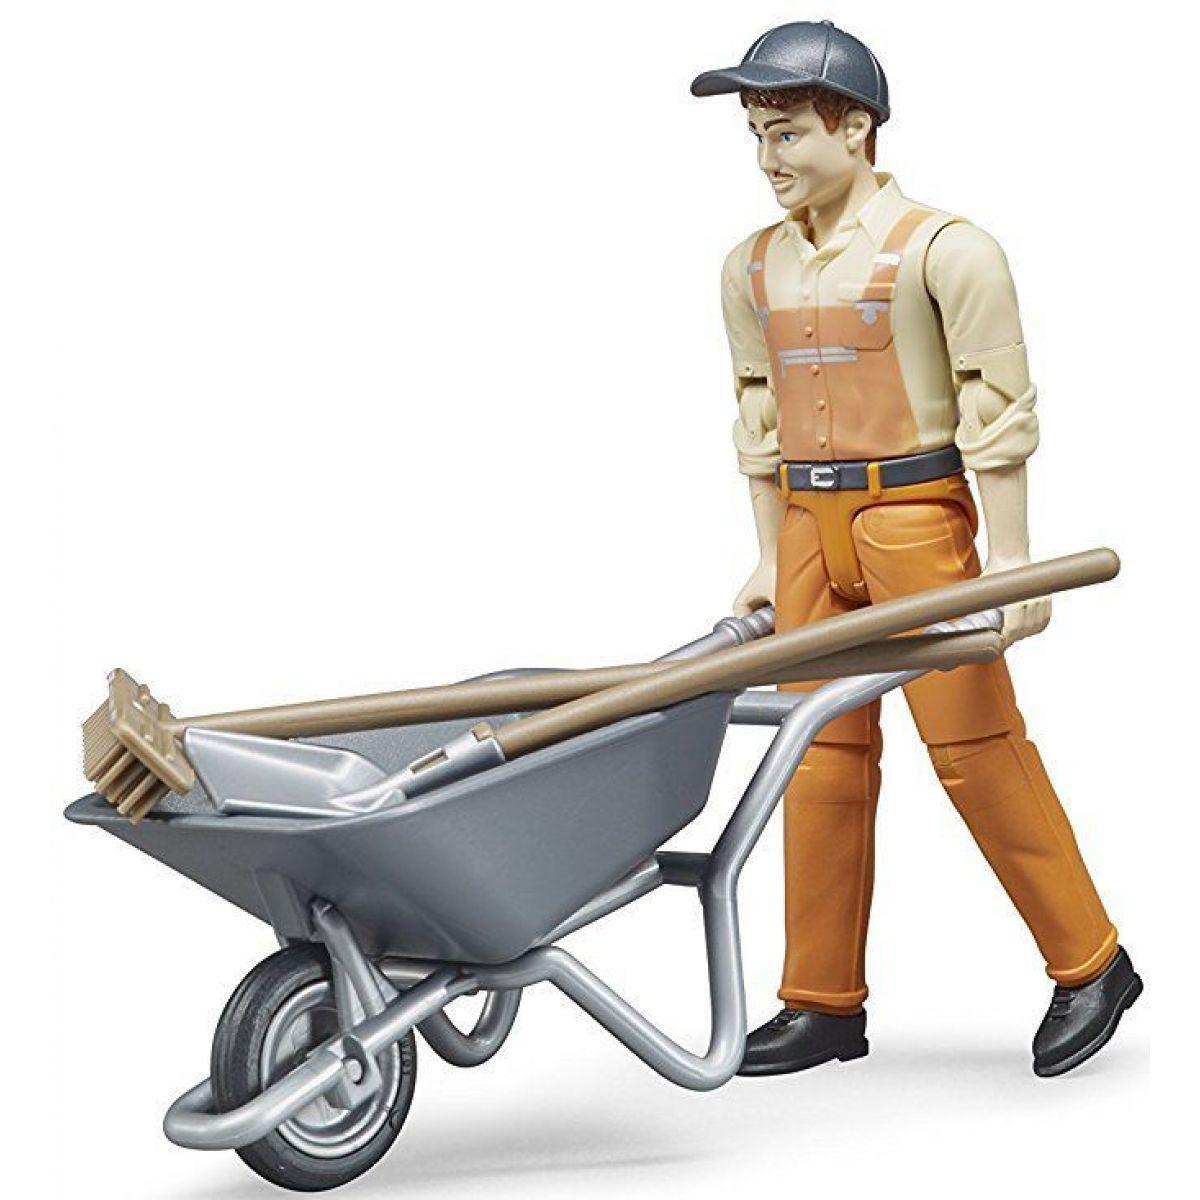 Bruder 62130 Figurka komunální pracovník s kolečkem a nářadím